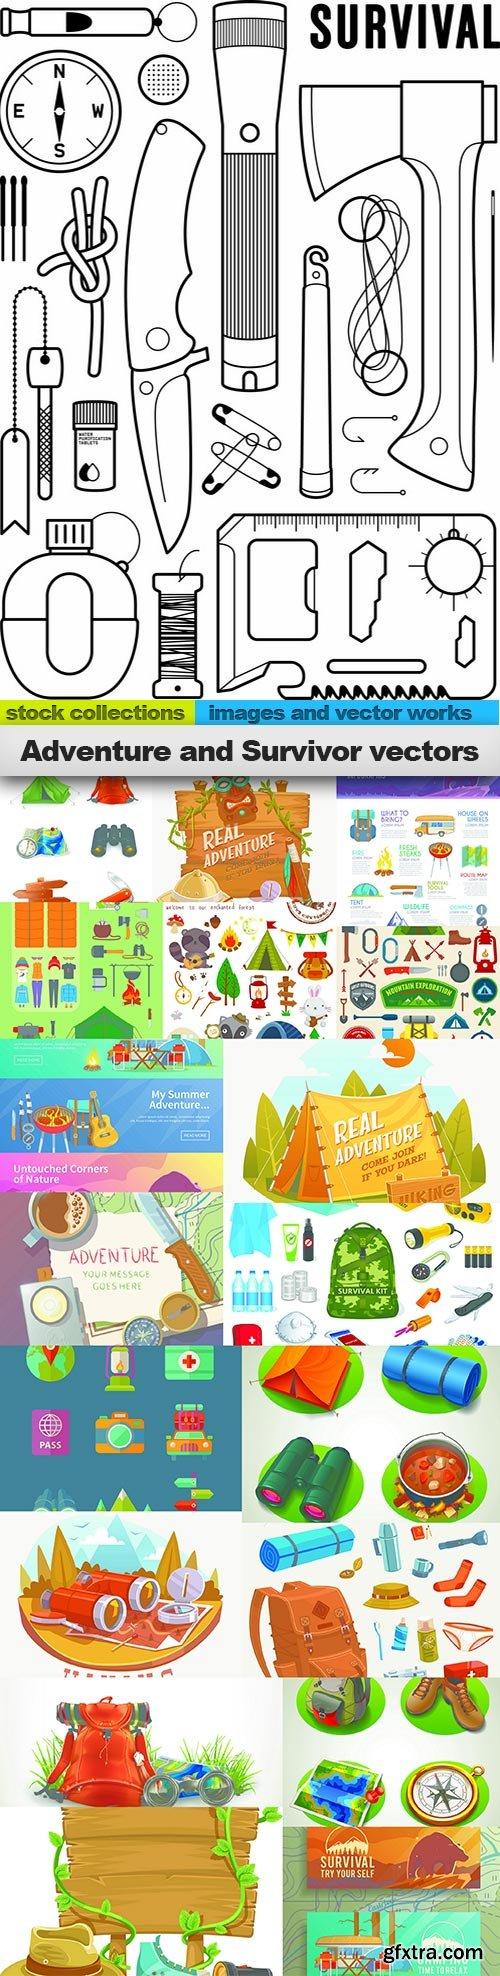 Adventure and Survivor vectors, 20 x EPS